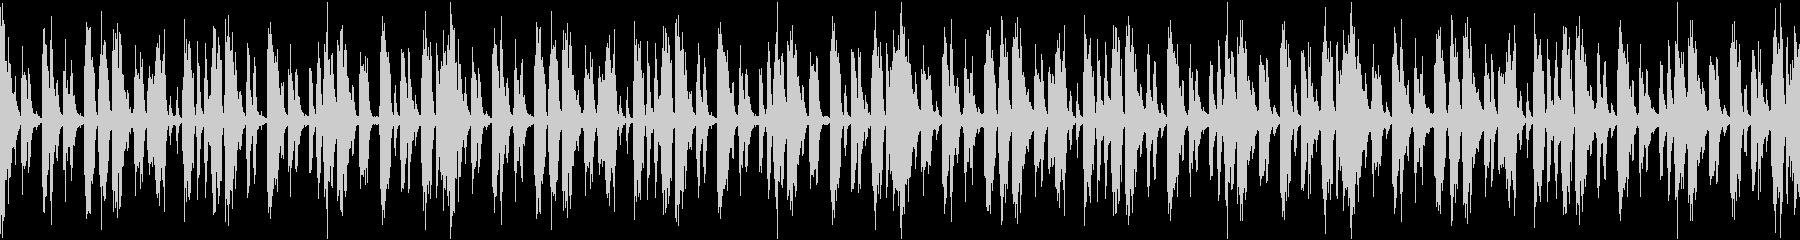 無機質なテクスチャー系ドラムループの未再生の波形